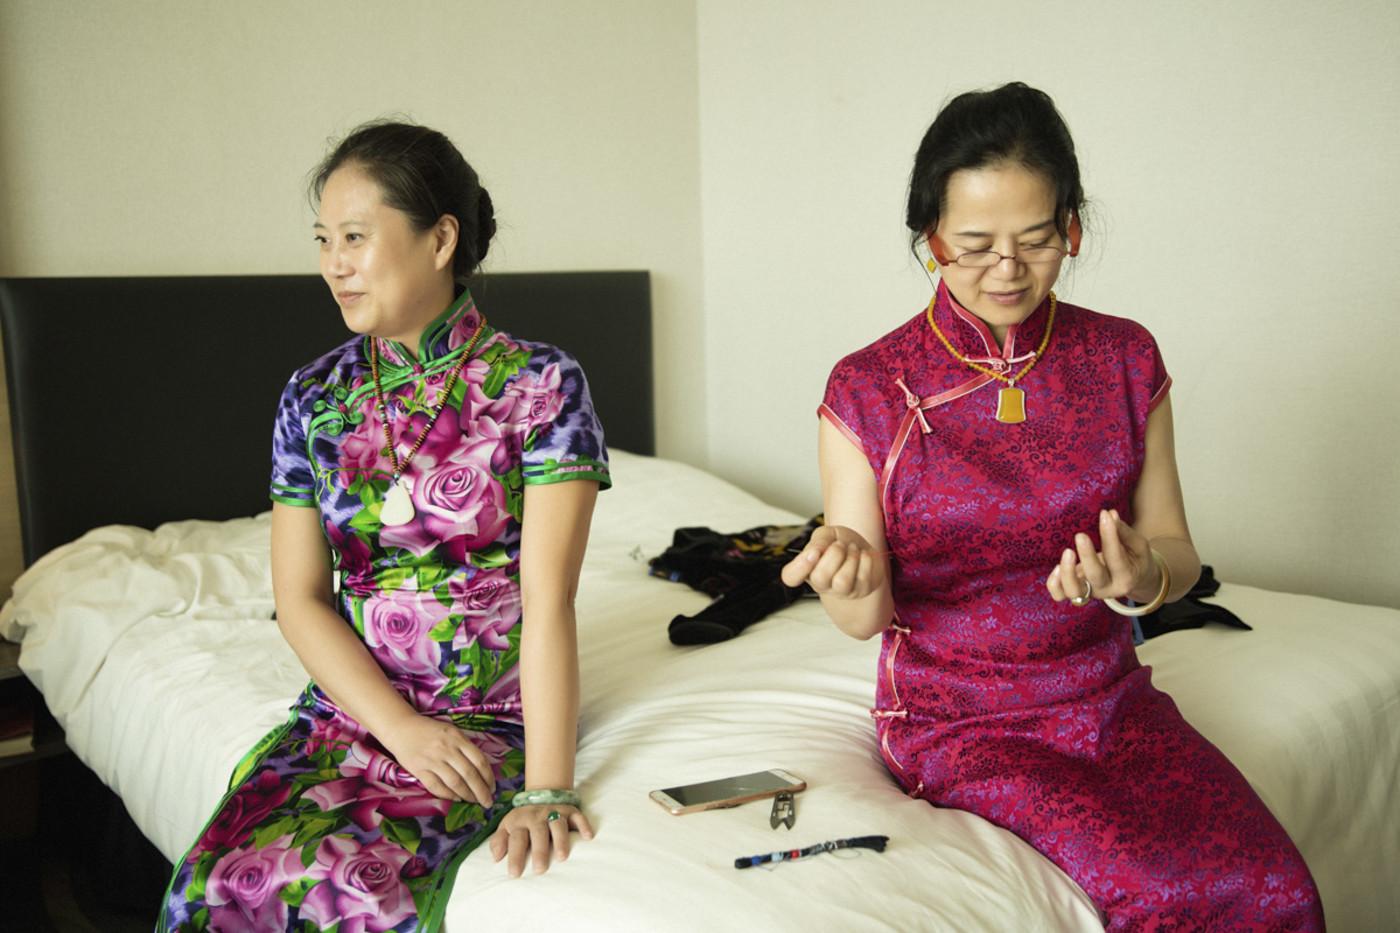 「KAI 婚礼纪实」一场来自宝岛台湾的婚礼2